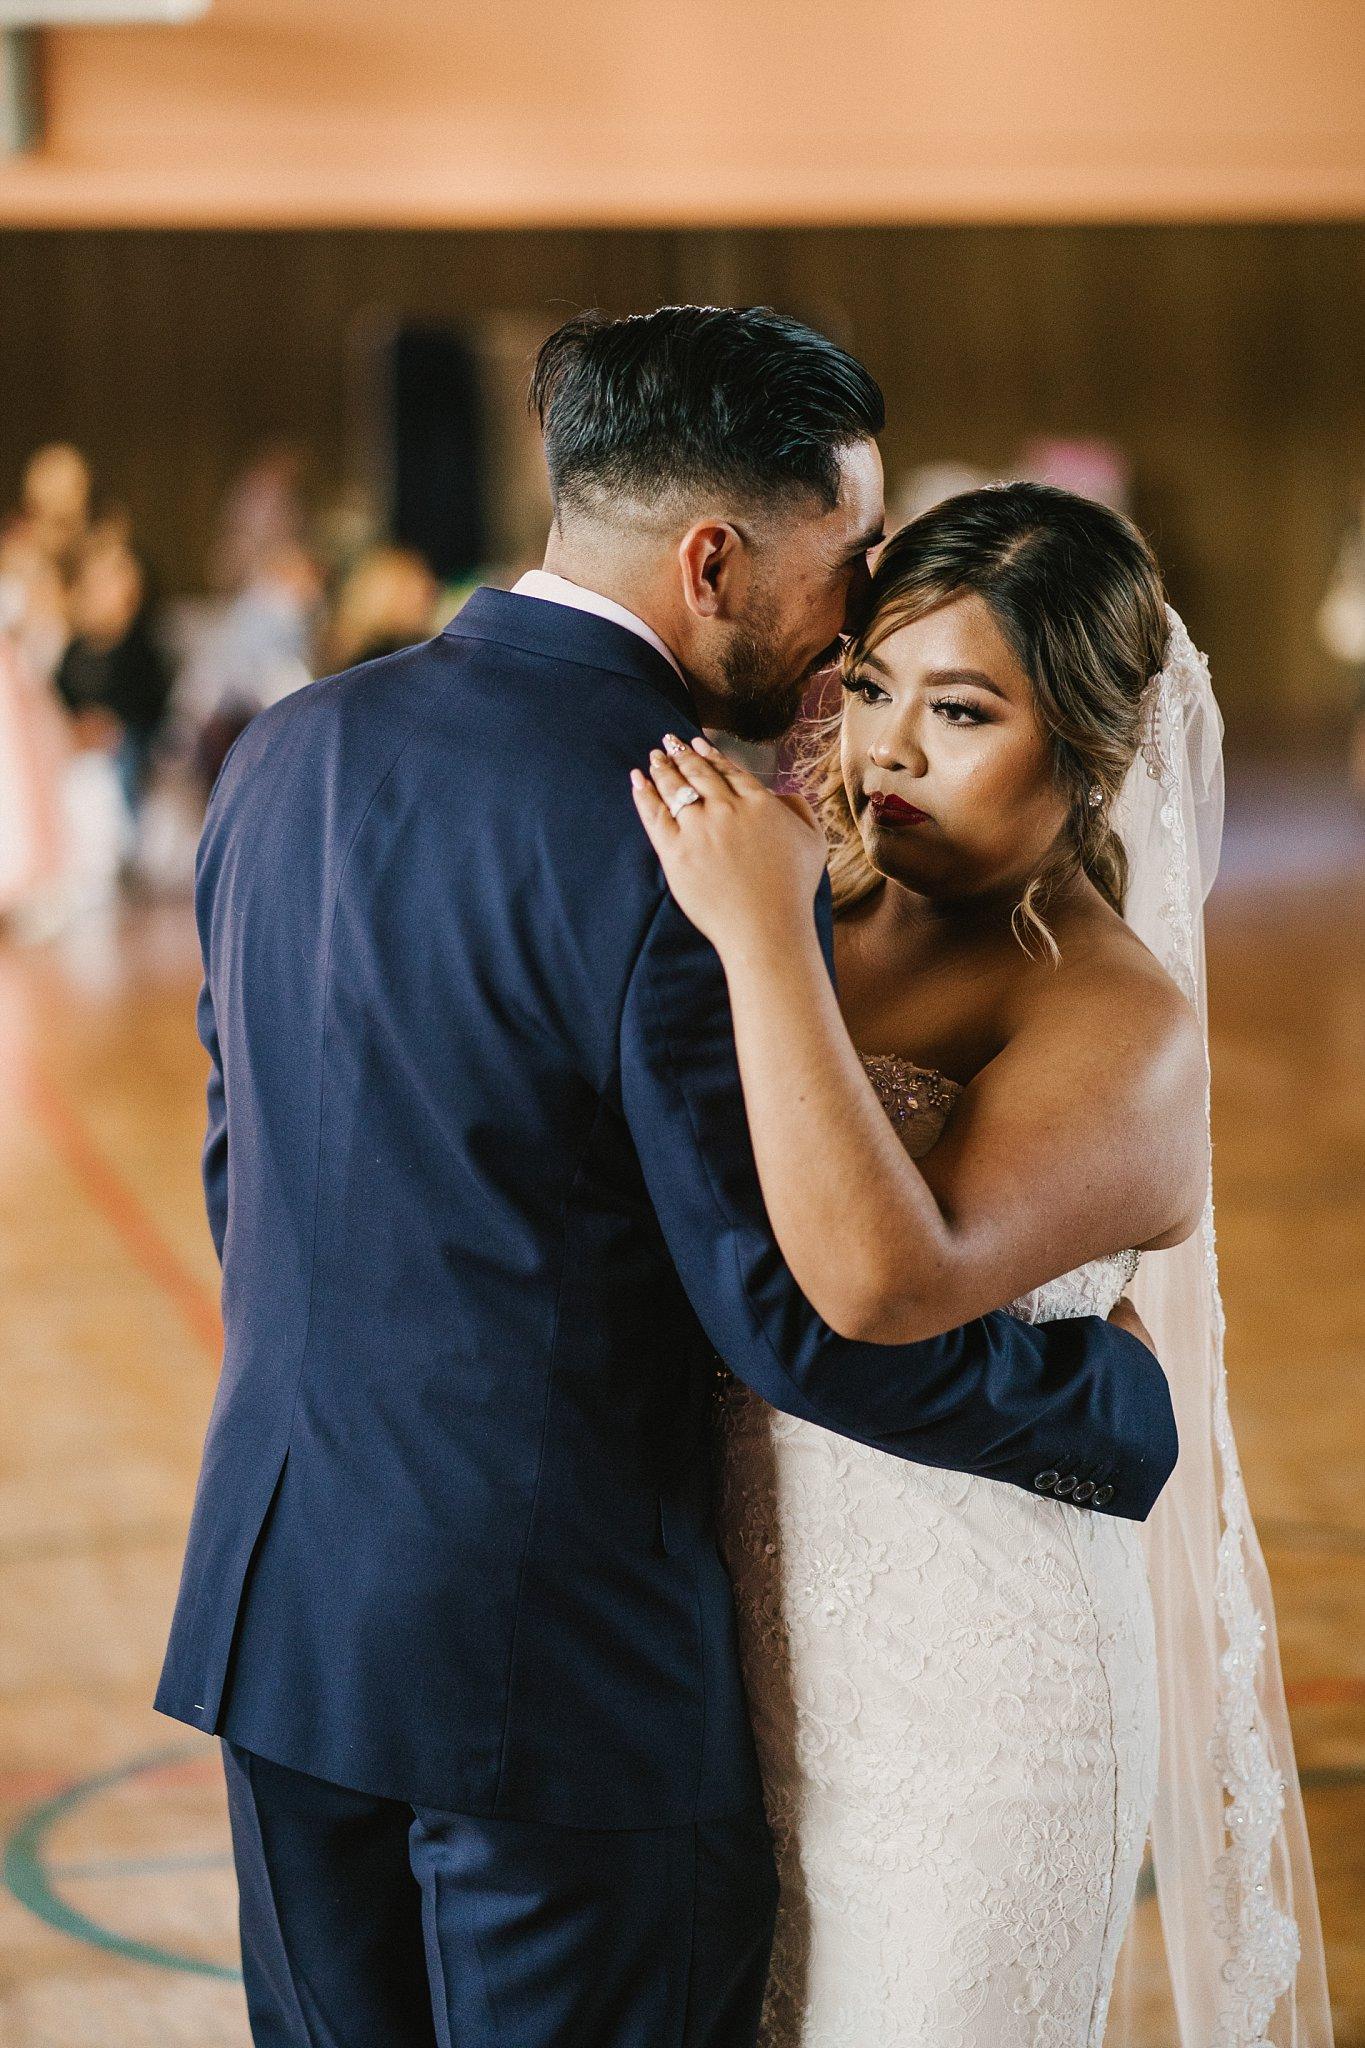 monterey-wedding-photographer-drew-zavala-john-yanderi-435.jpg